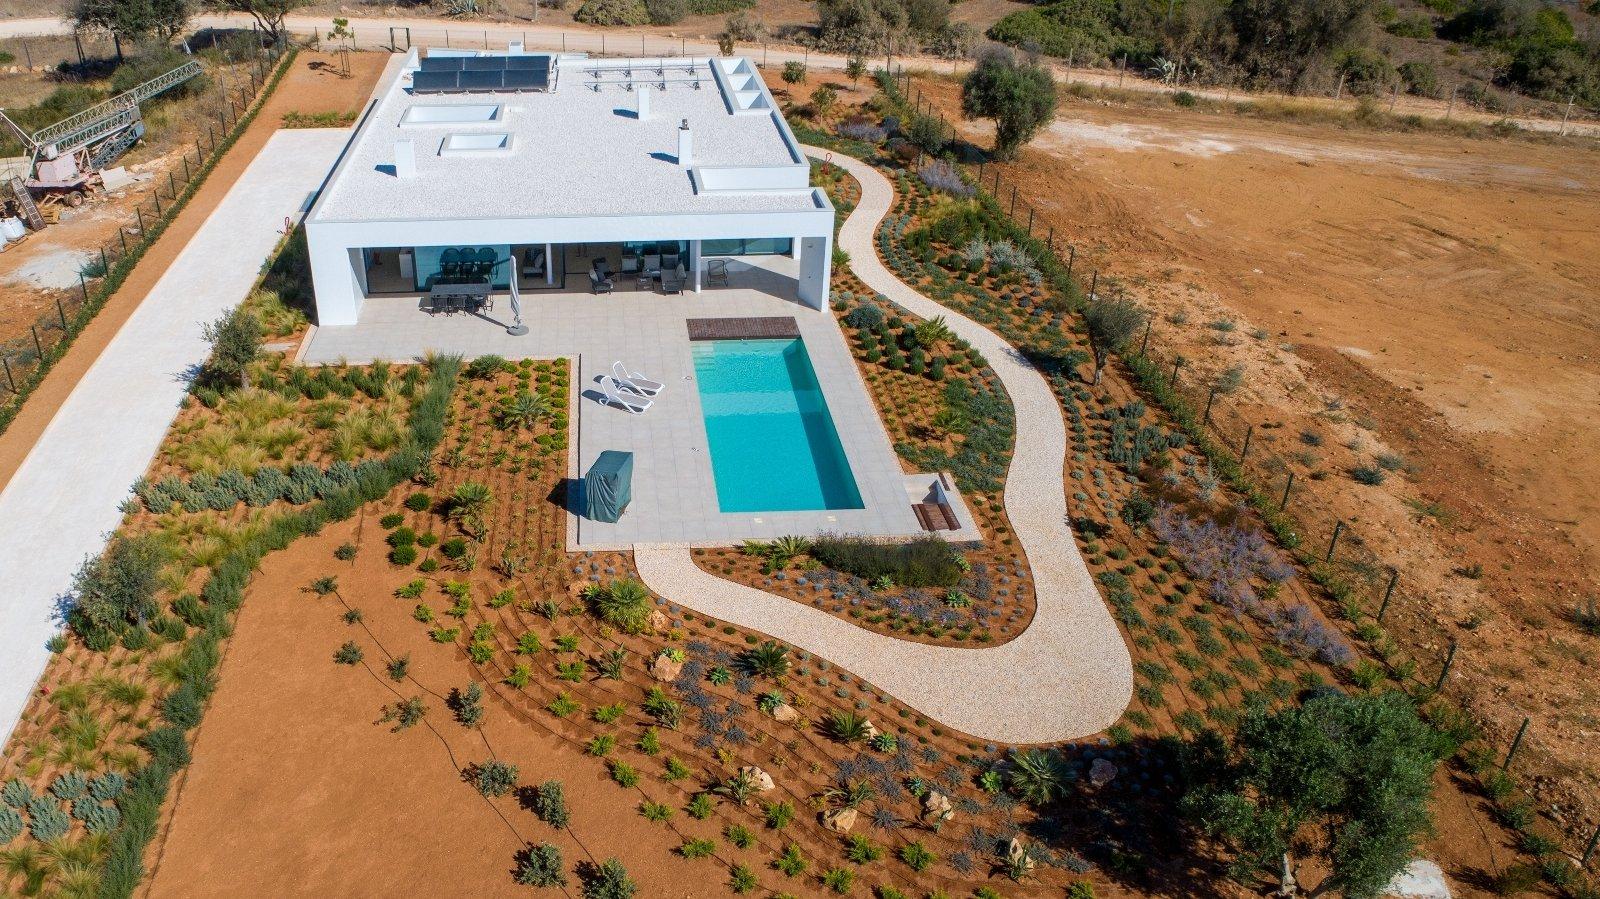 4 Bedroom Villa Lagos, Western Algarve Ref: GV493D